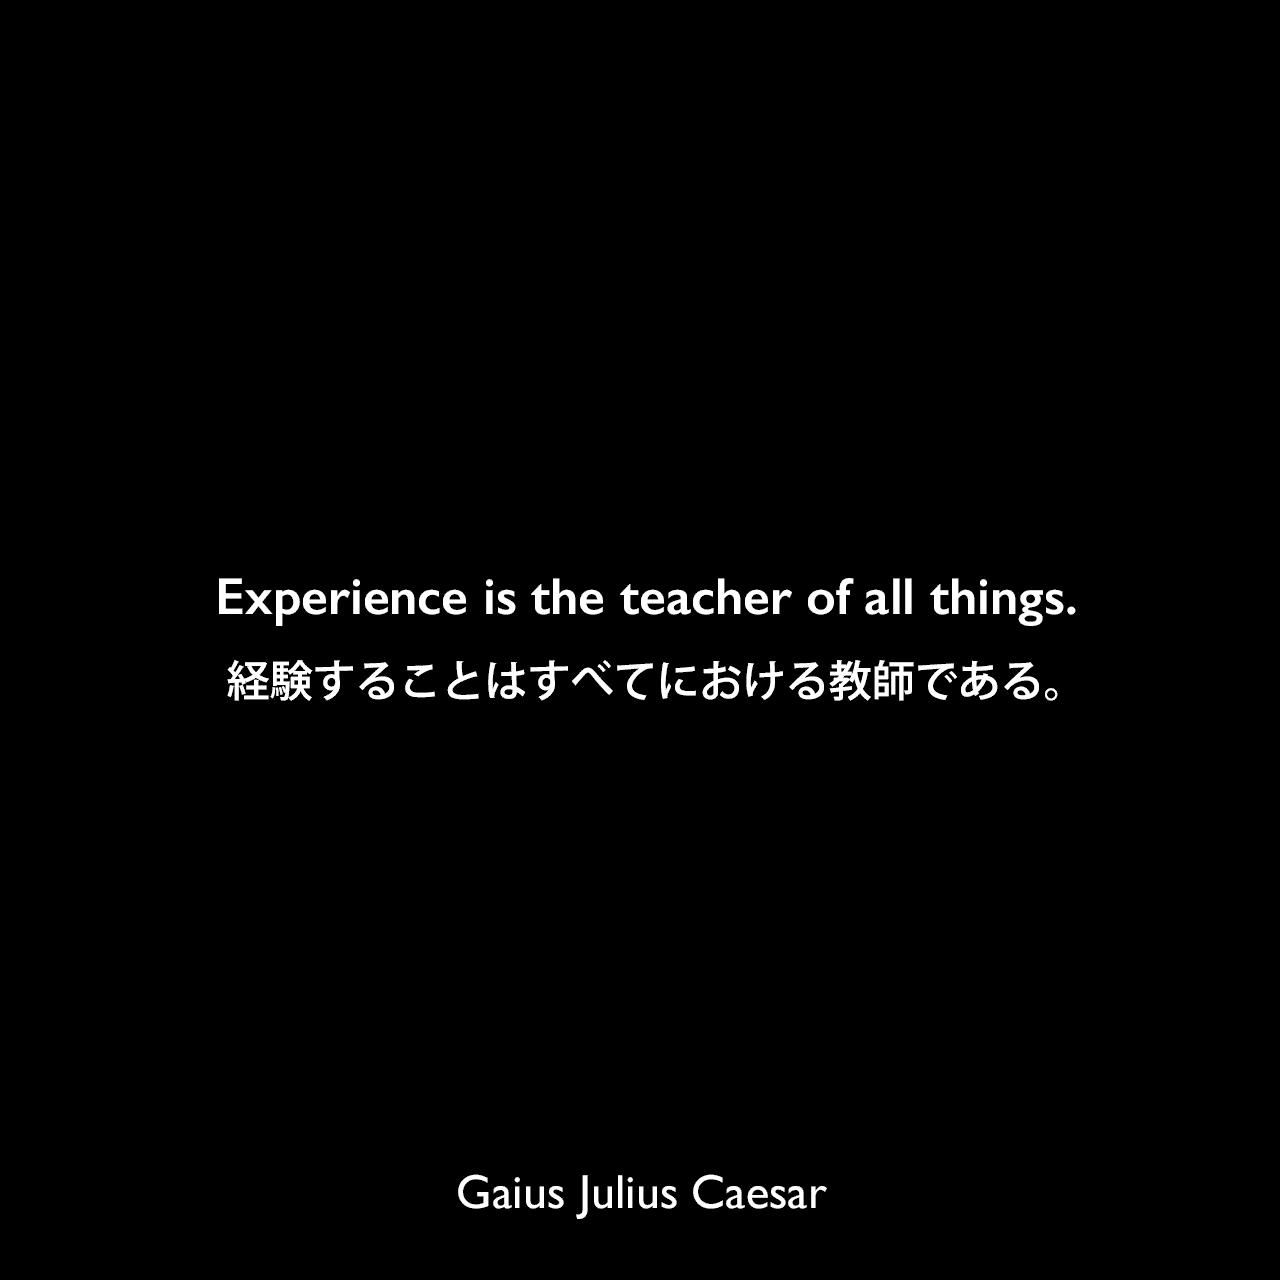 Experience is the teacher of all things.経験することはすべてにおける教師である。Gaius Julius Caesar